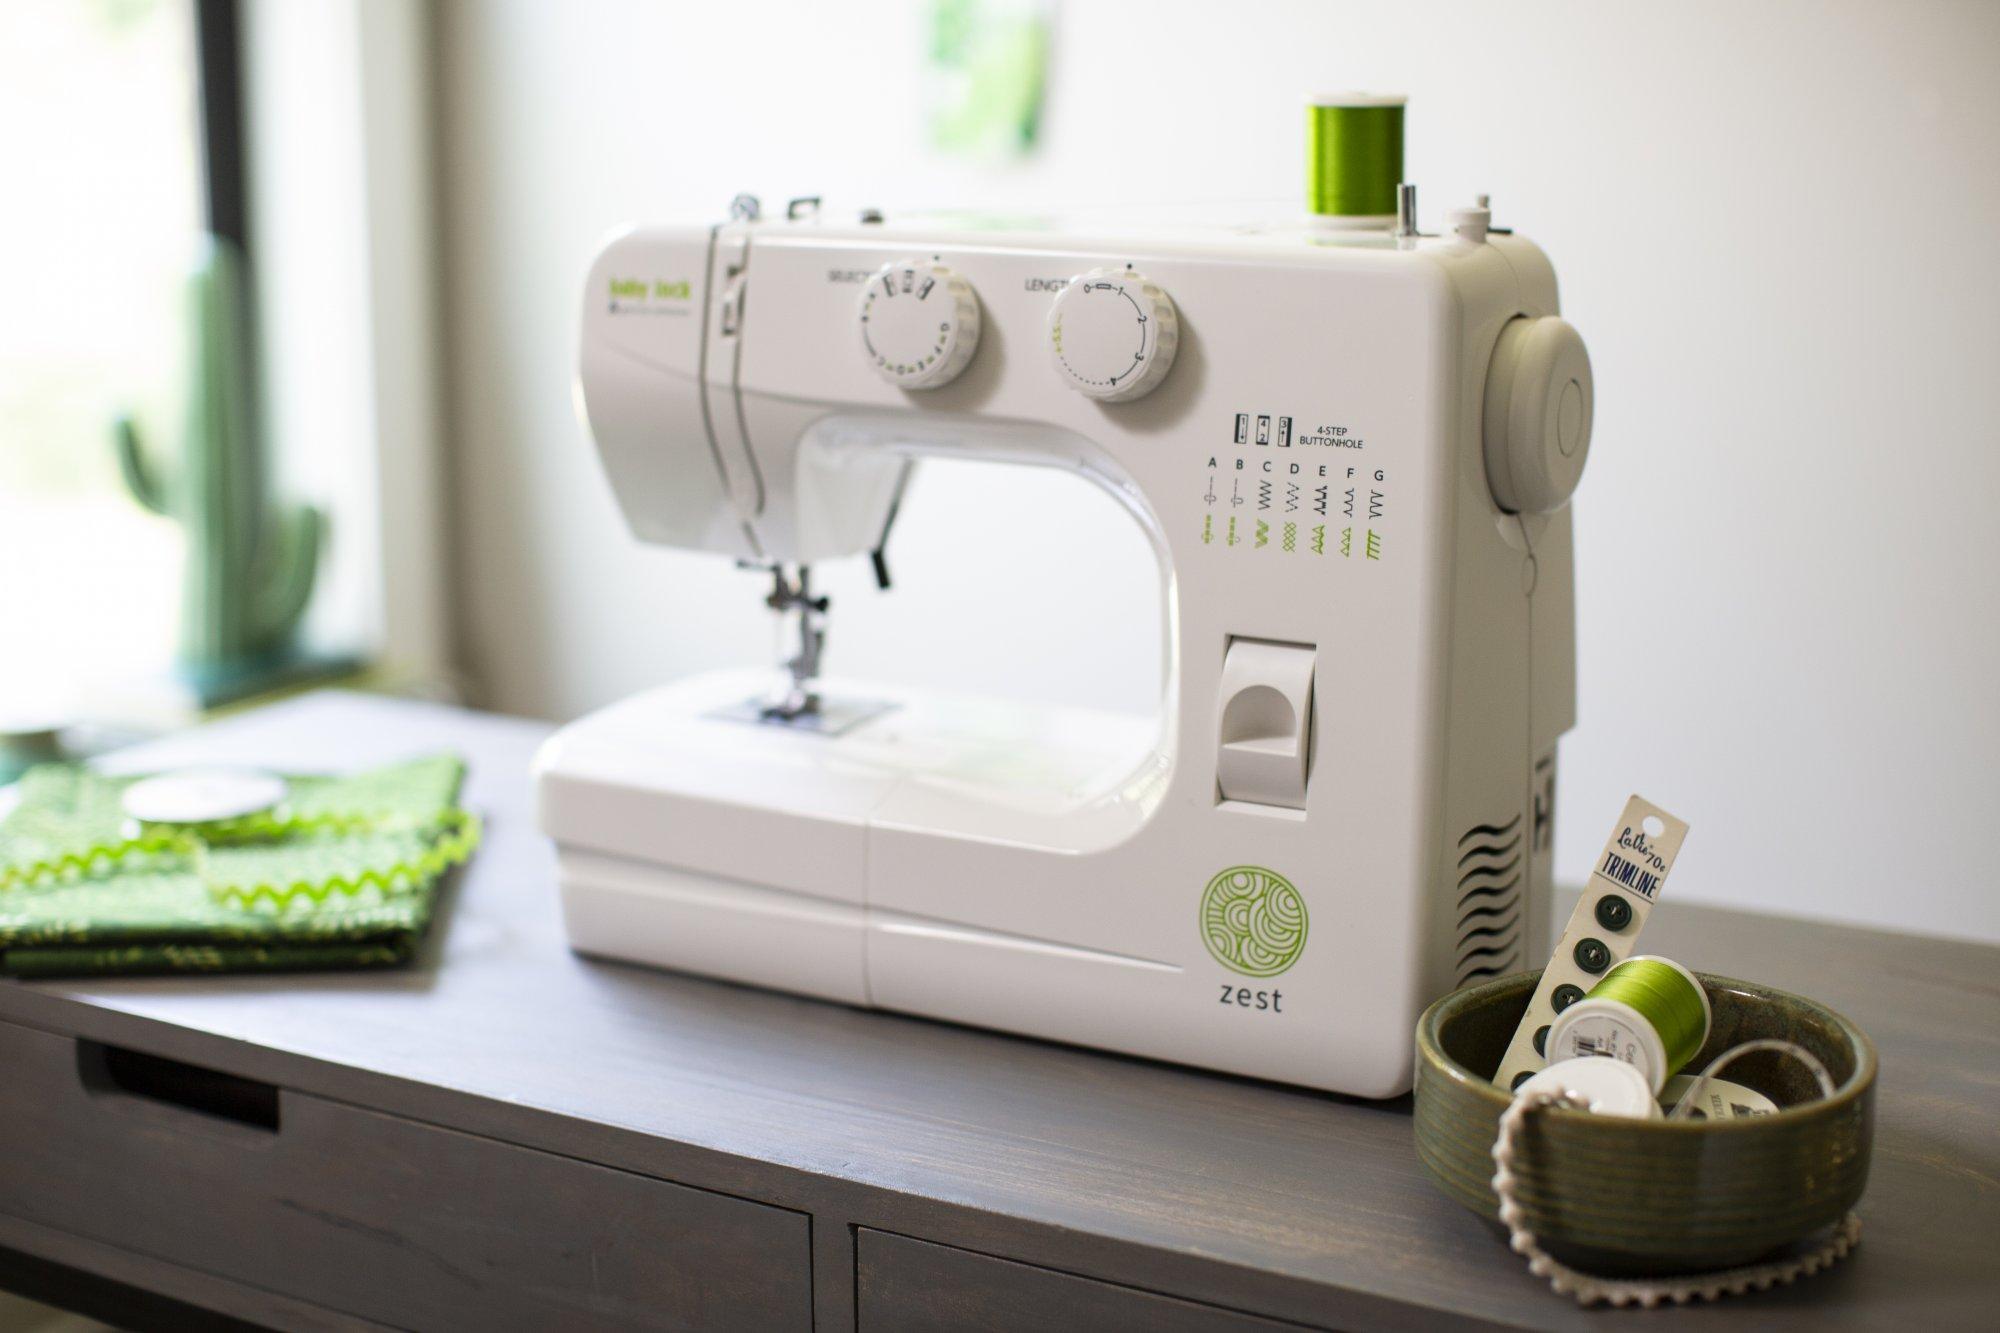 BL Machine - Zest Sewing Machine